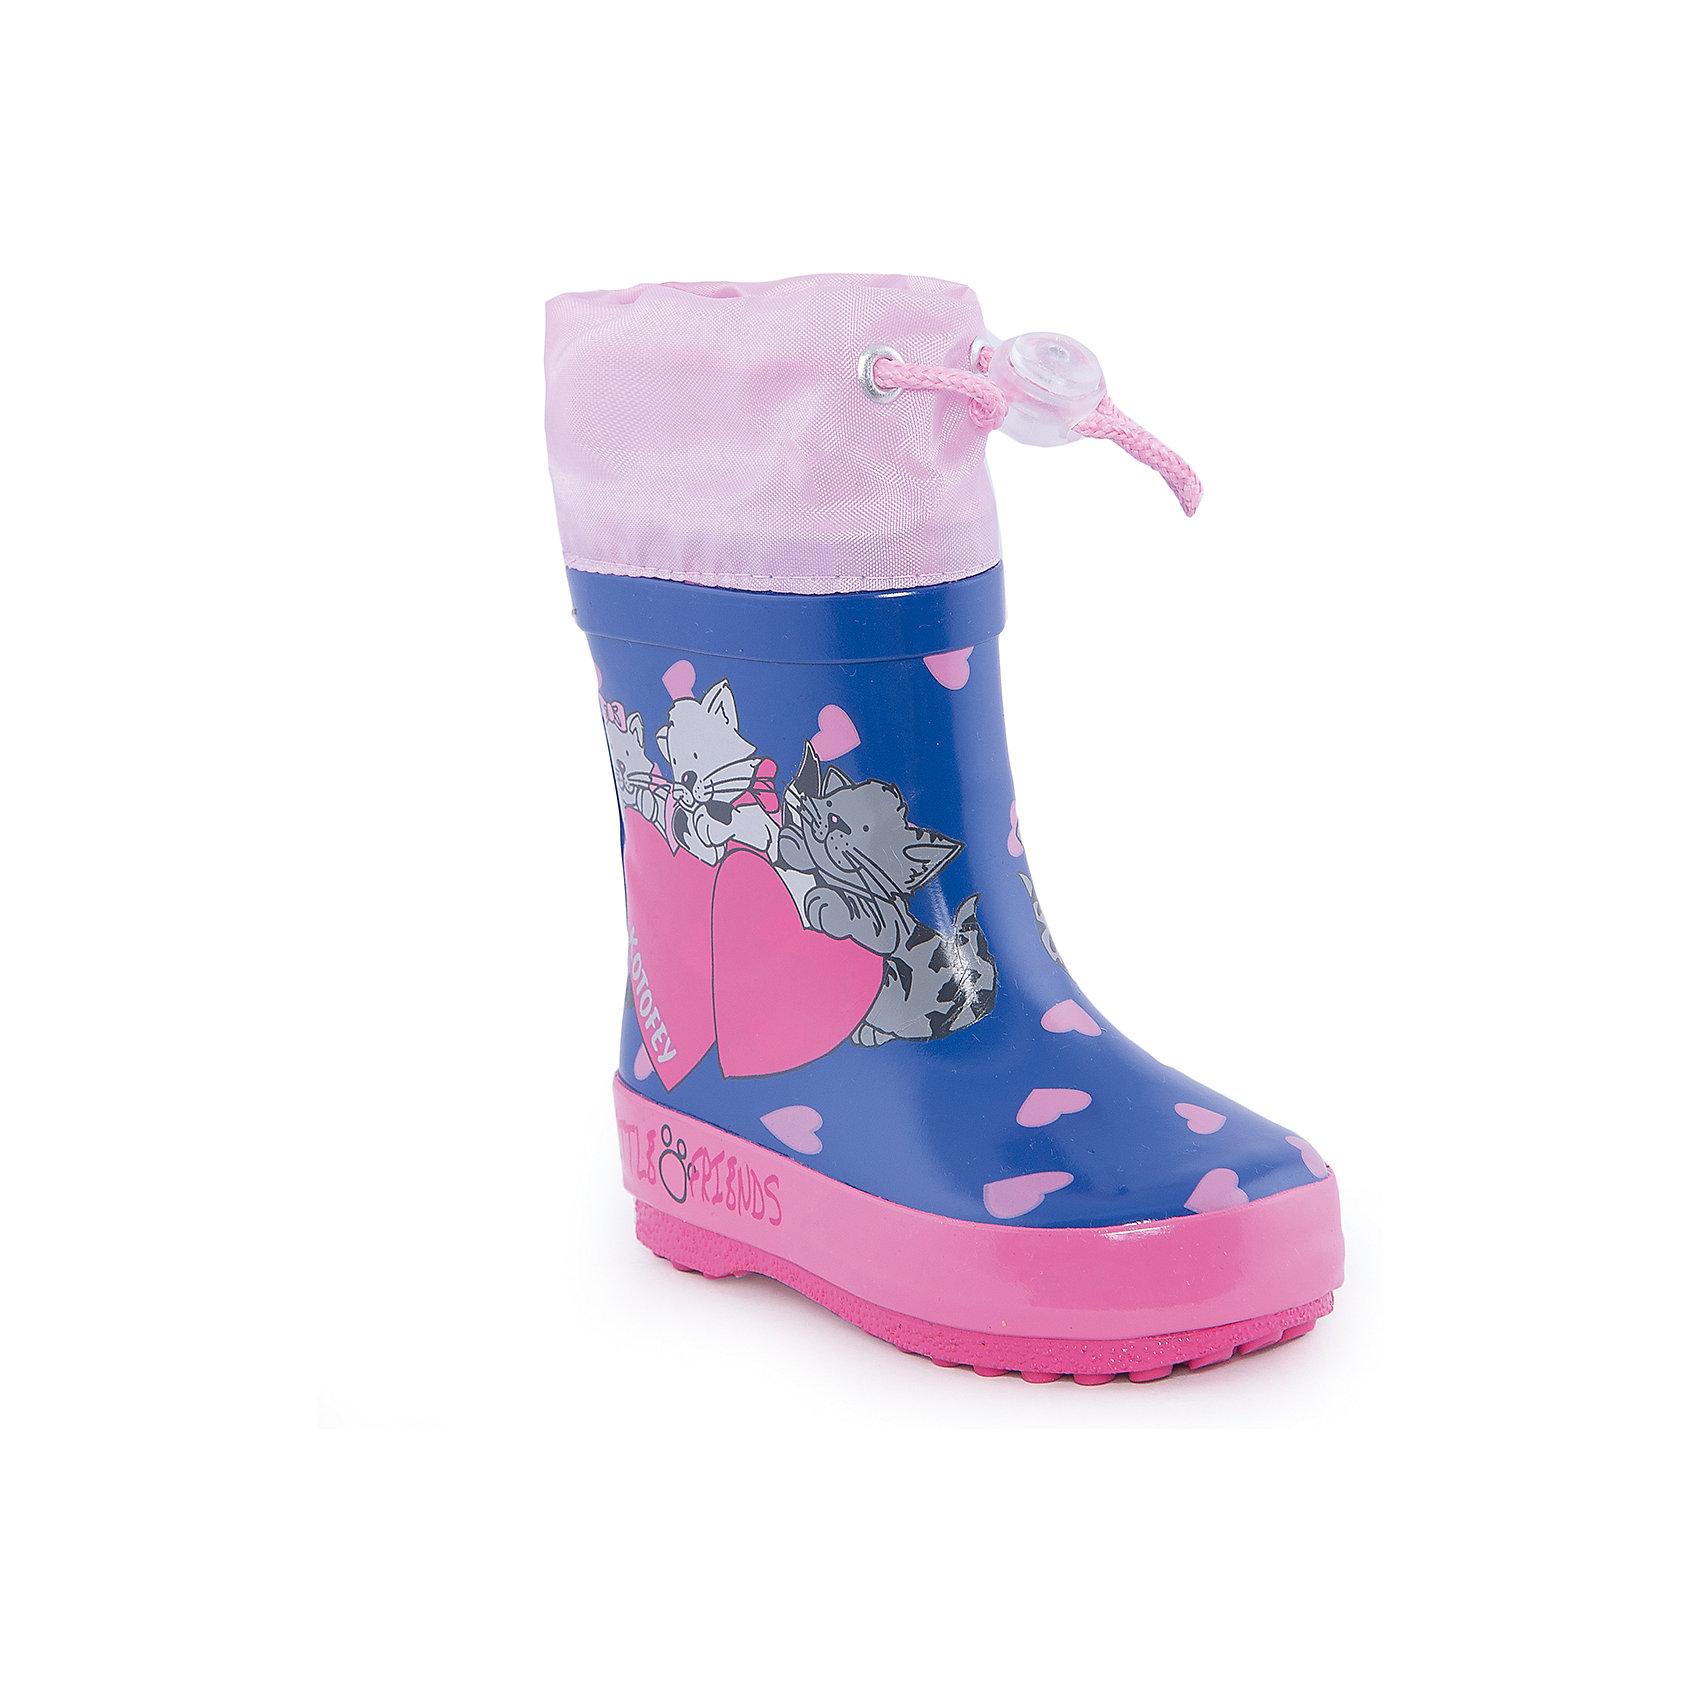 Резиновые сапожки для девочки КотофейСапожки для девочки от известного российского бренда Котофей <br><br>Яркие модные сапоги сделаны из качественной резины. Они позволят защитить ноги ребенка от сырости.<br>Высокое голенище с утяжкой защитит одежду от грязи и влаги.<br><br>Отличительные особенности модели:<br><br>- цвет: синий;<br>- удобная колодка;<br>- утяжка со стоппером на голенище;<br>- качественные материалы;<br>- толстая устойчивая подошва;<br>- текстильная подкладка;<br>- декорированы принтом и розовыми деталями.<br><br>Дополнительная информация:<br><br>Температурный режим: от +5° С до +25° С.<br><br>Состав:<br>верх - резина;<br>подкладка - текстиль;<br>подошва - резина.<br><br>Сапожки для девочки Котофей можно купить в нашем магазине.<br><br>Ширина мм: 257<br>Глубина мм: 180<br>Высота мм: 130<br>Вес г: 420<br>Цвет: синий<br>Возраст от месяцев: 15<br>Возраст до месяцев: 18<br>Пол: Женский<br>Возраст: Детский<br>Размер: 22,20,23,21<br>SKU: 4565808